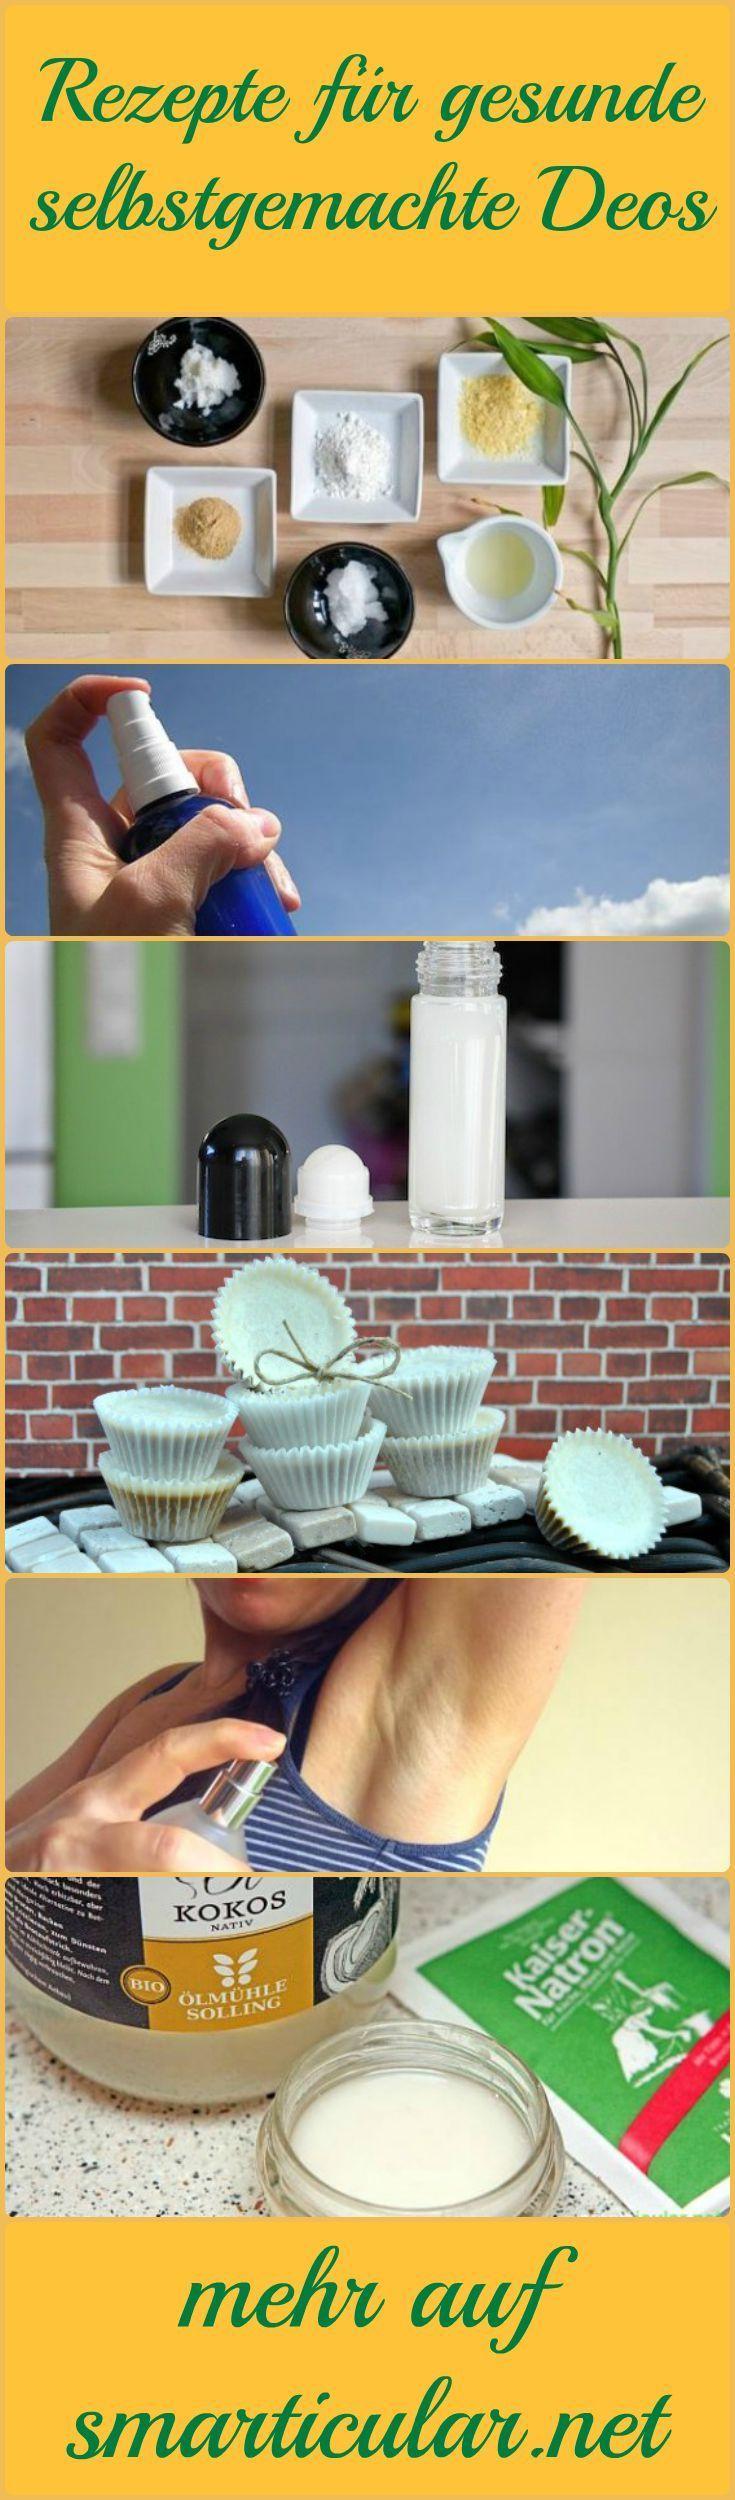 Herkömmliche Deodorants sind stark umstritten! Alternativen ohne Aluminium, Triclosan oder EDT sind meist teuer. Hier die besten Rezepte zum Selbermachen!: